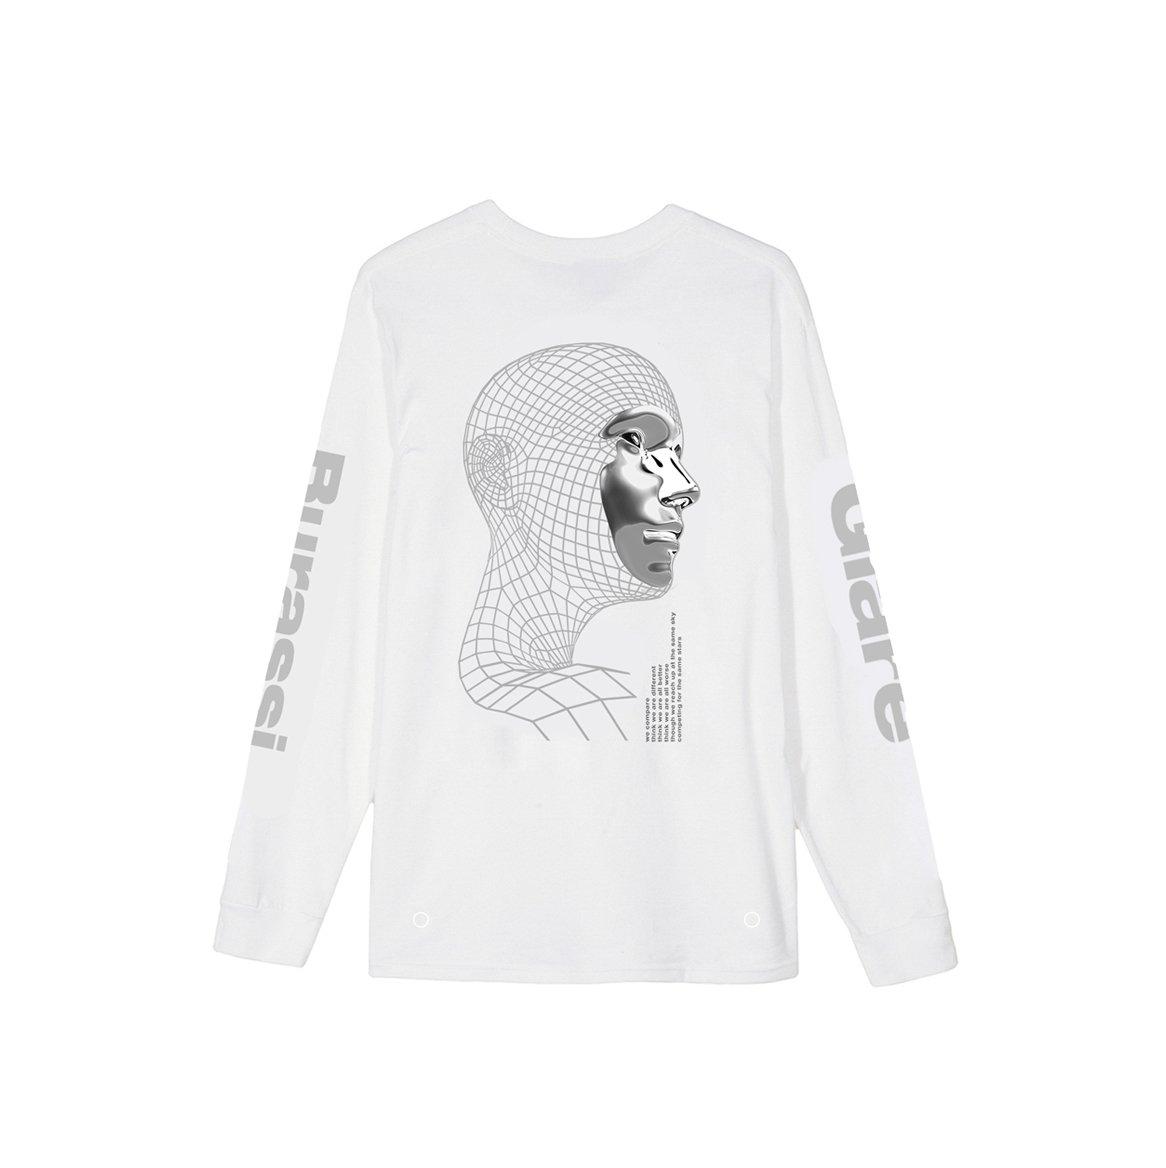 Image of Sample 01: Identity Long Sleeve Shirt